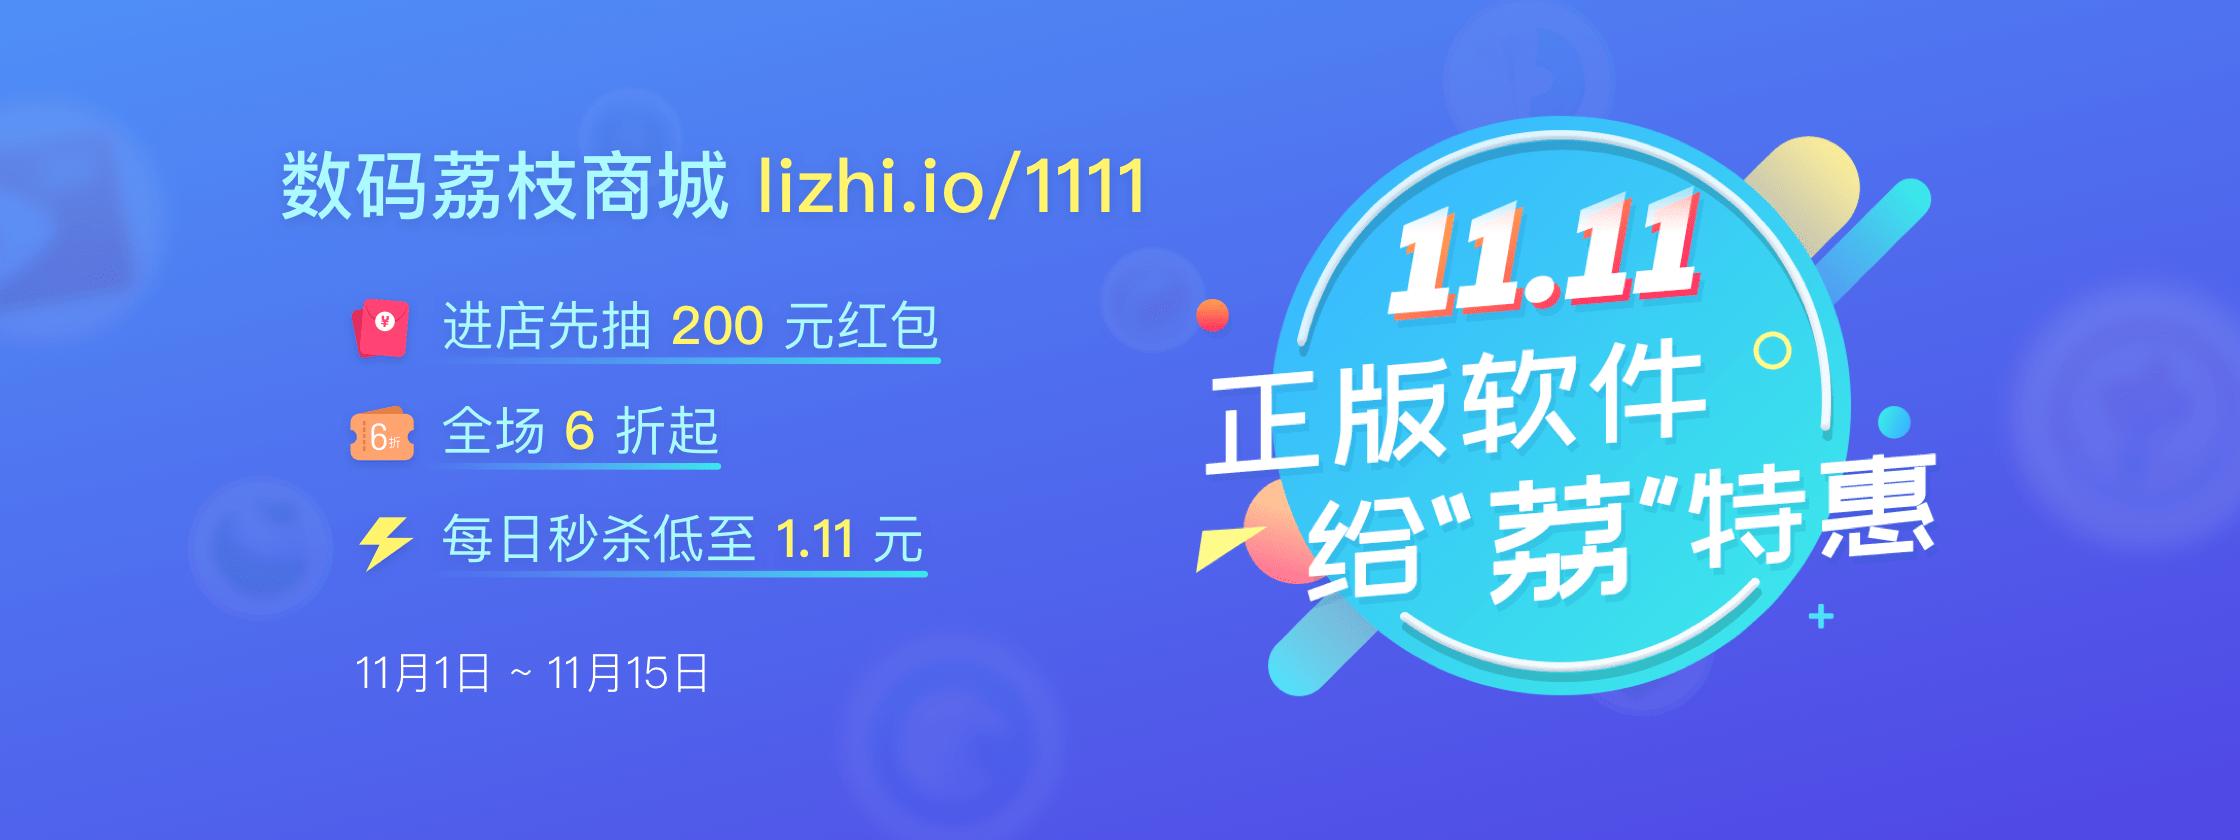 """给""""荔""""双十一:抽 200 红包,秒 1.11 元注册码,抢 6 折热门软件!"""